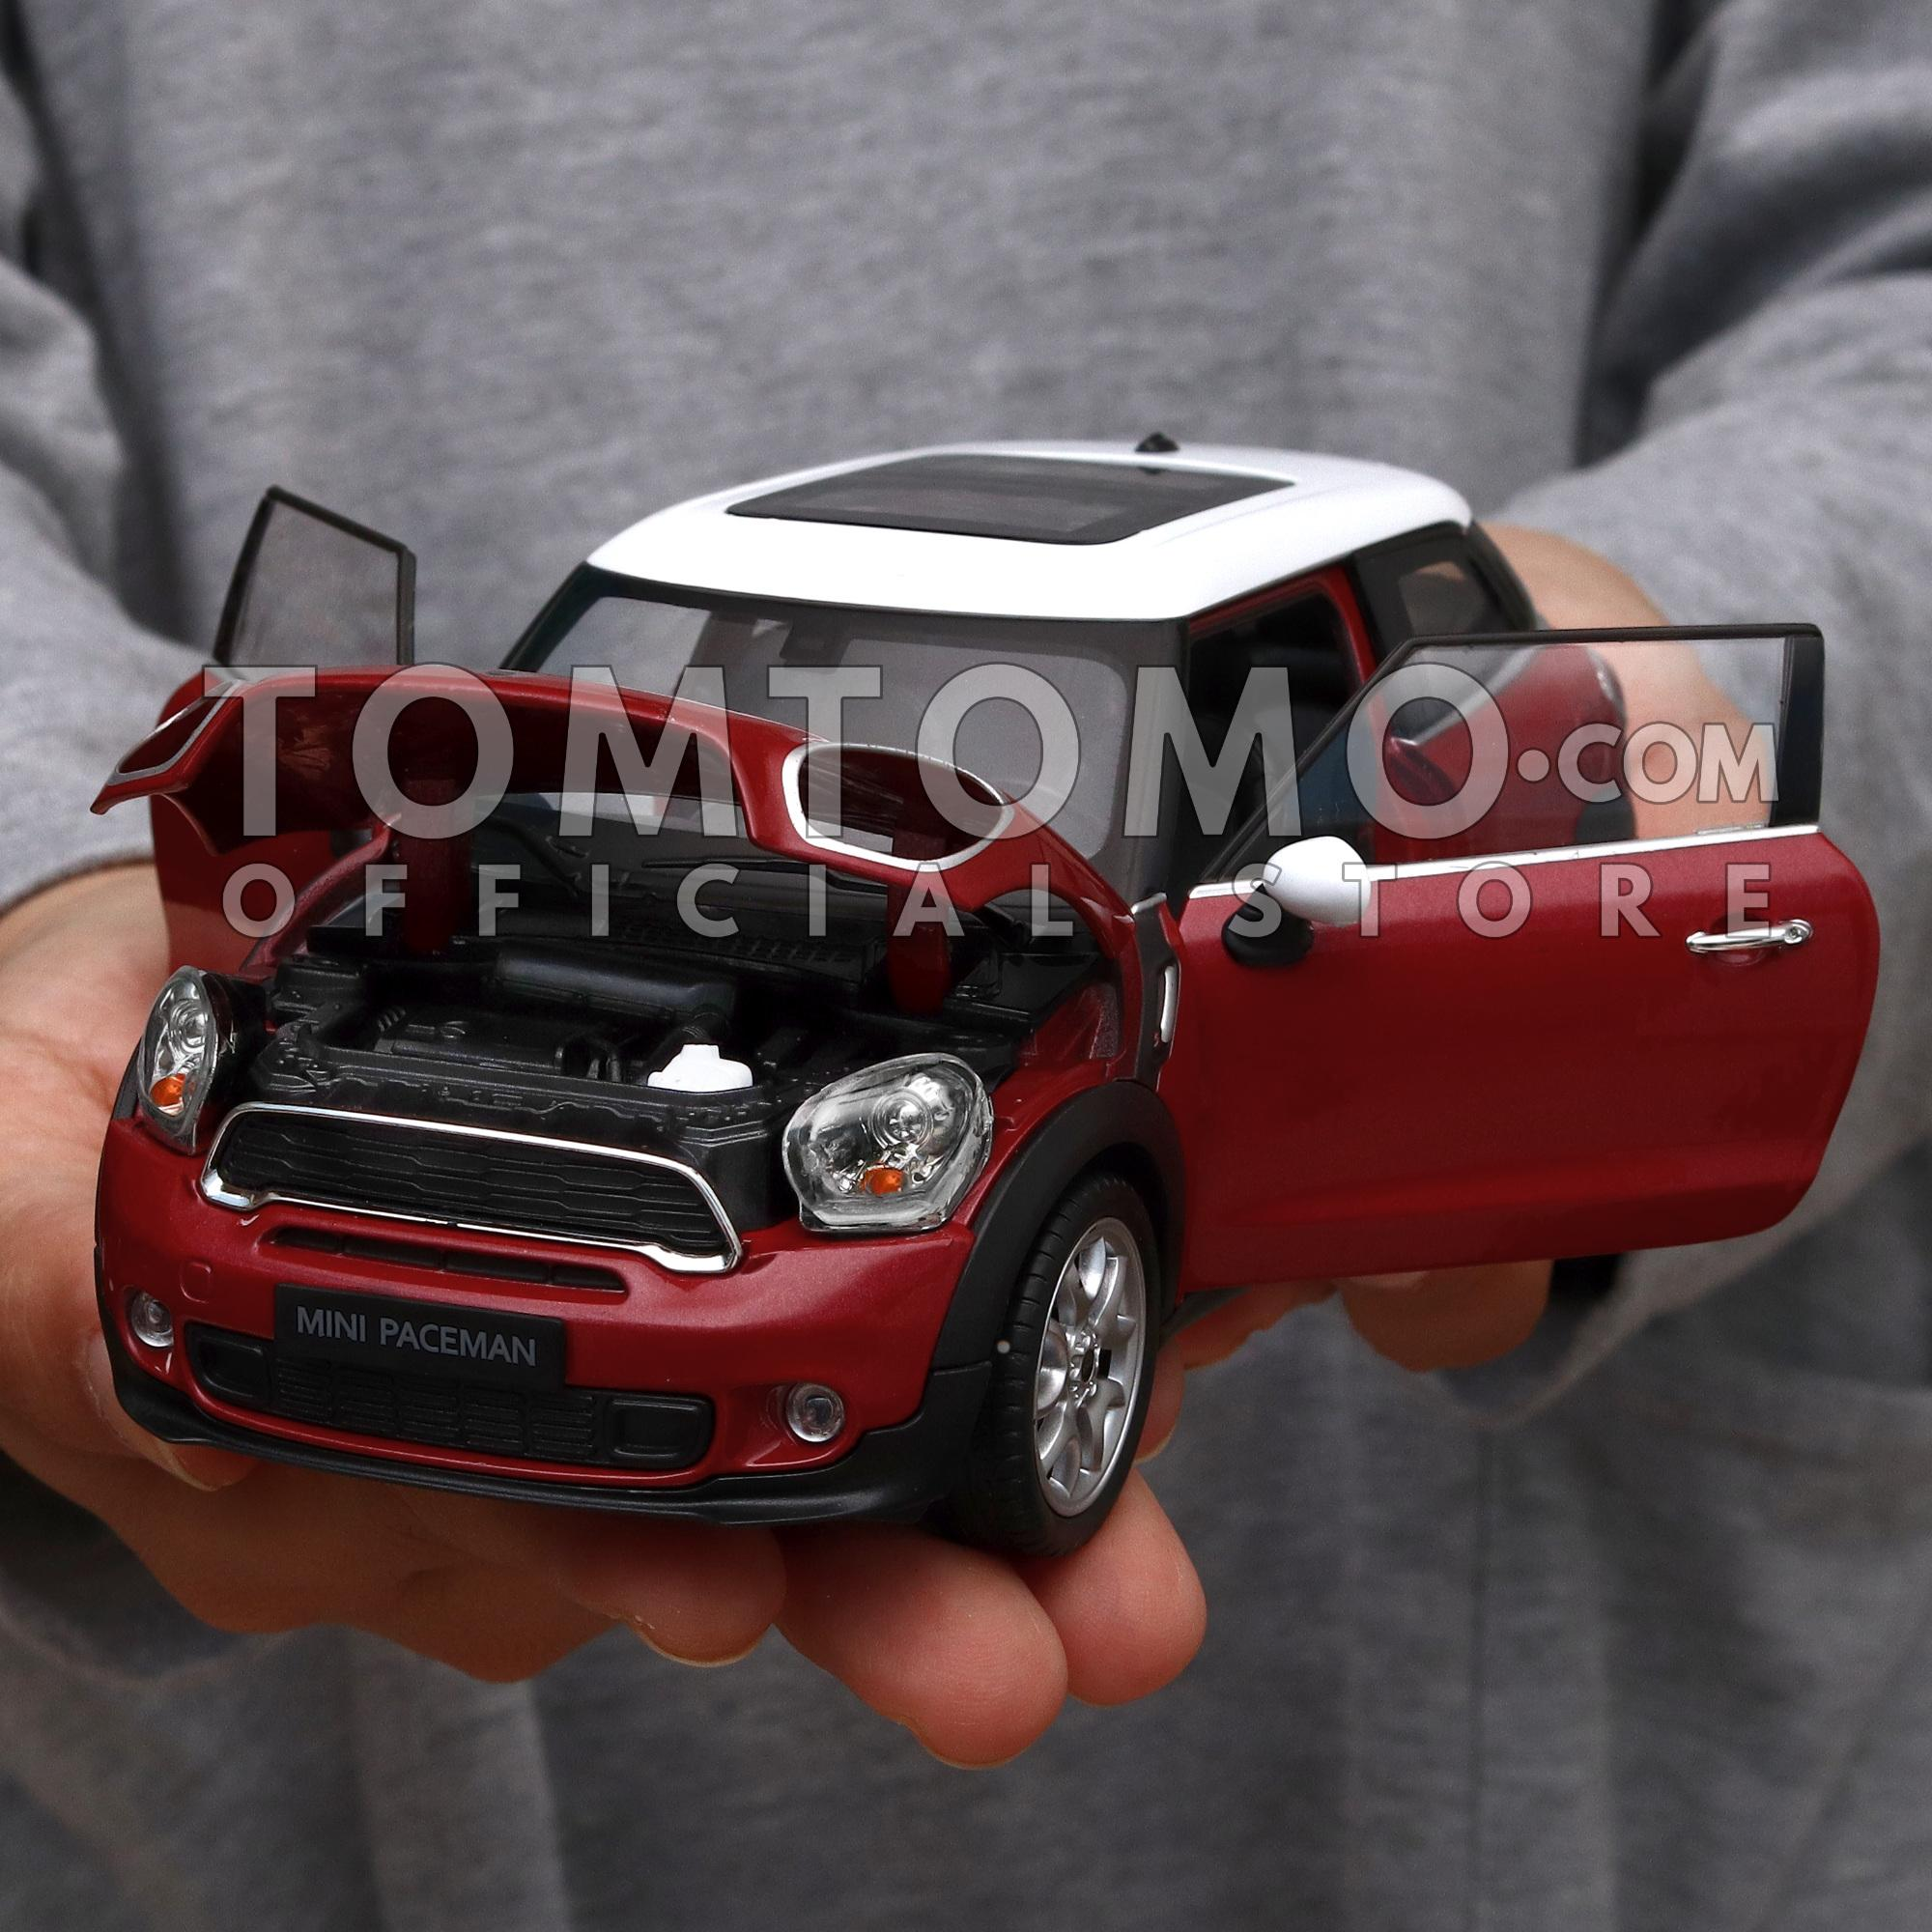 Fitur Mini Cooper P Series Tomtomo Diecast Miniatur Mobil Mobilan